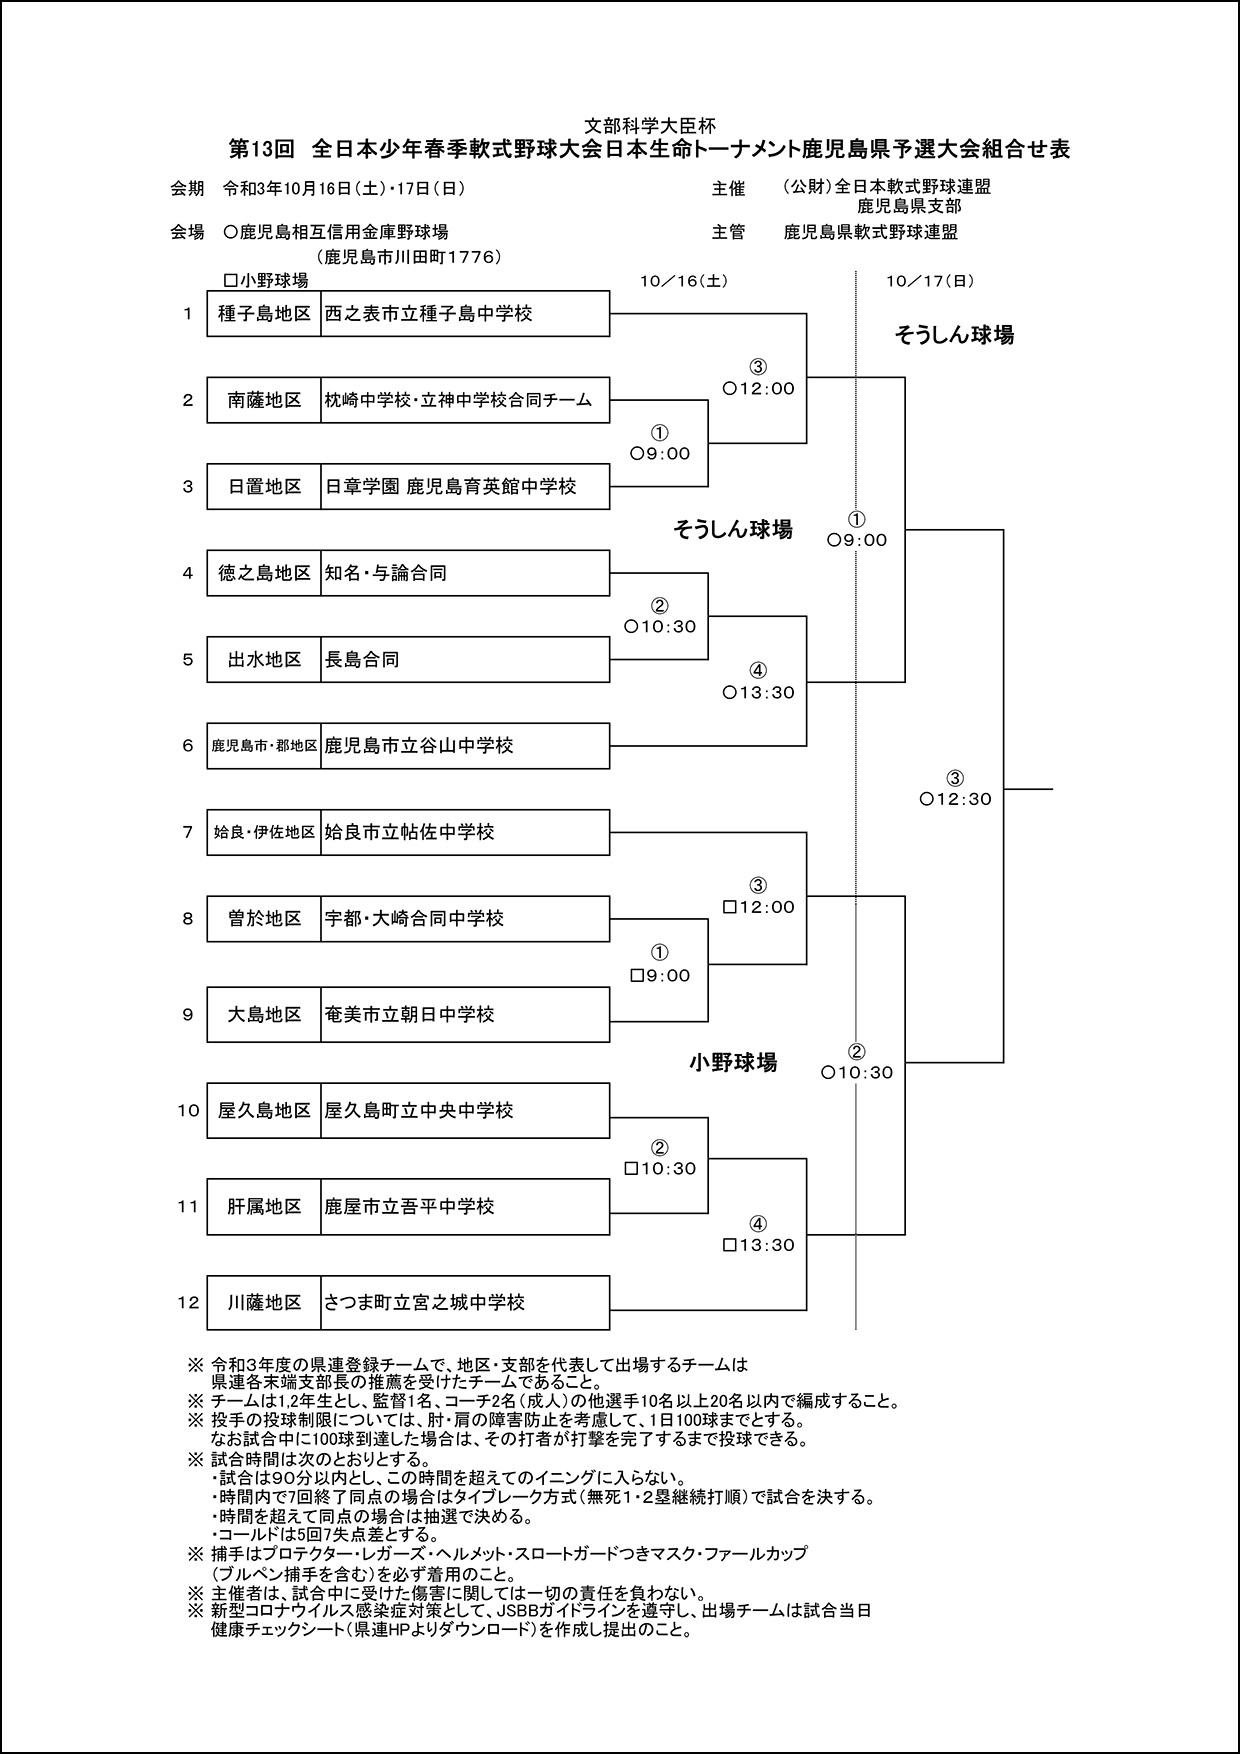 【組合せ】第13回全日本少年春季軟式野球大会